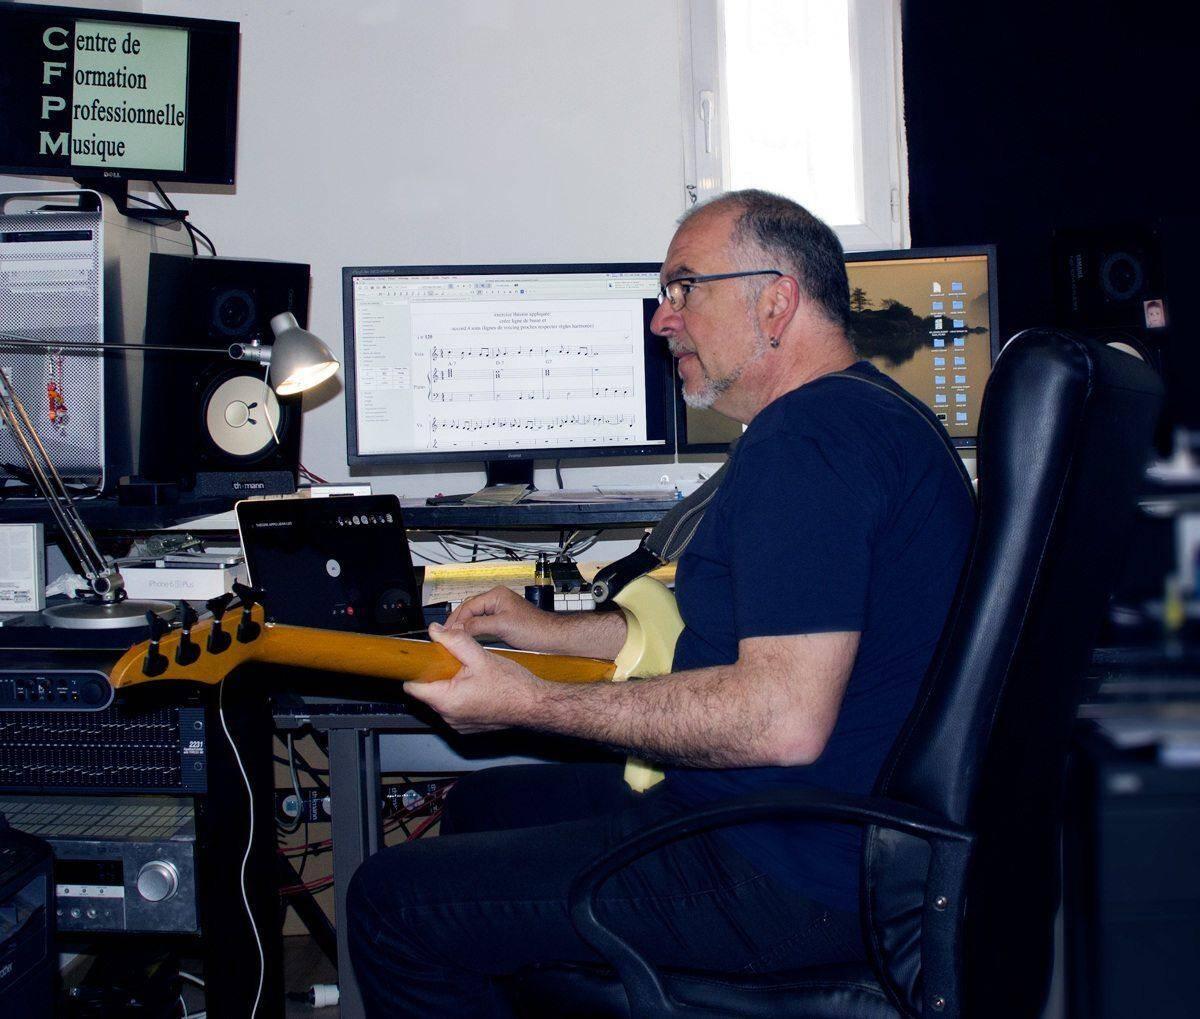 Jean-Luc Cervoni, directeur et professeur, prévoit de réaliser un montage vidéo à partir des enregistrements à domicile de chaque élève en clin d'œil au concert de fin de trimestre qui n'a pu avoir lieu.